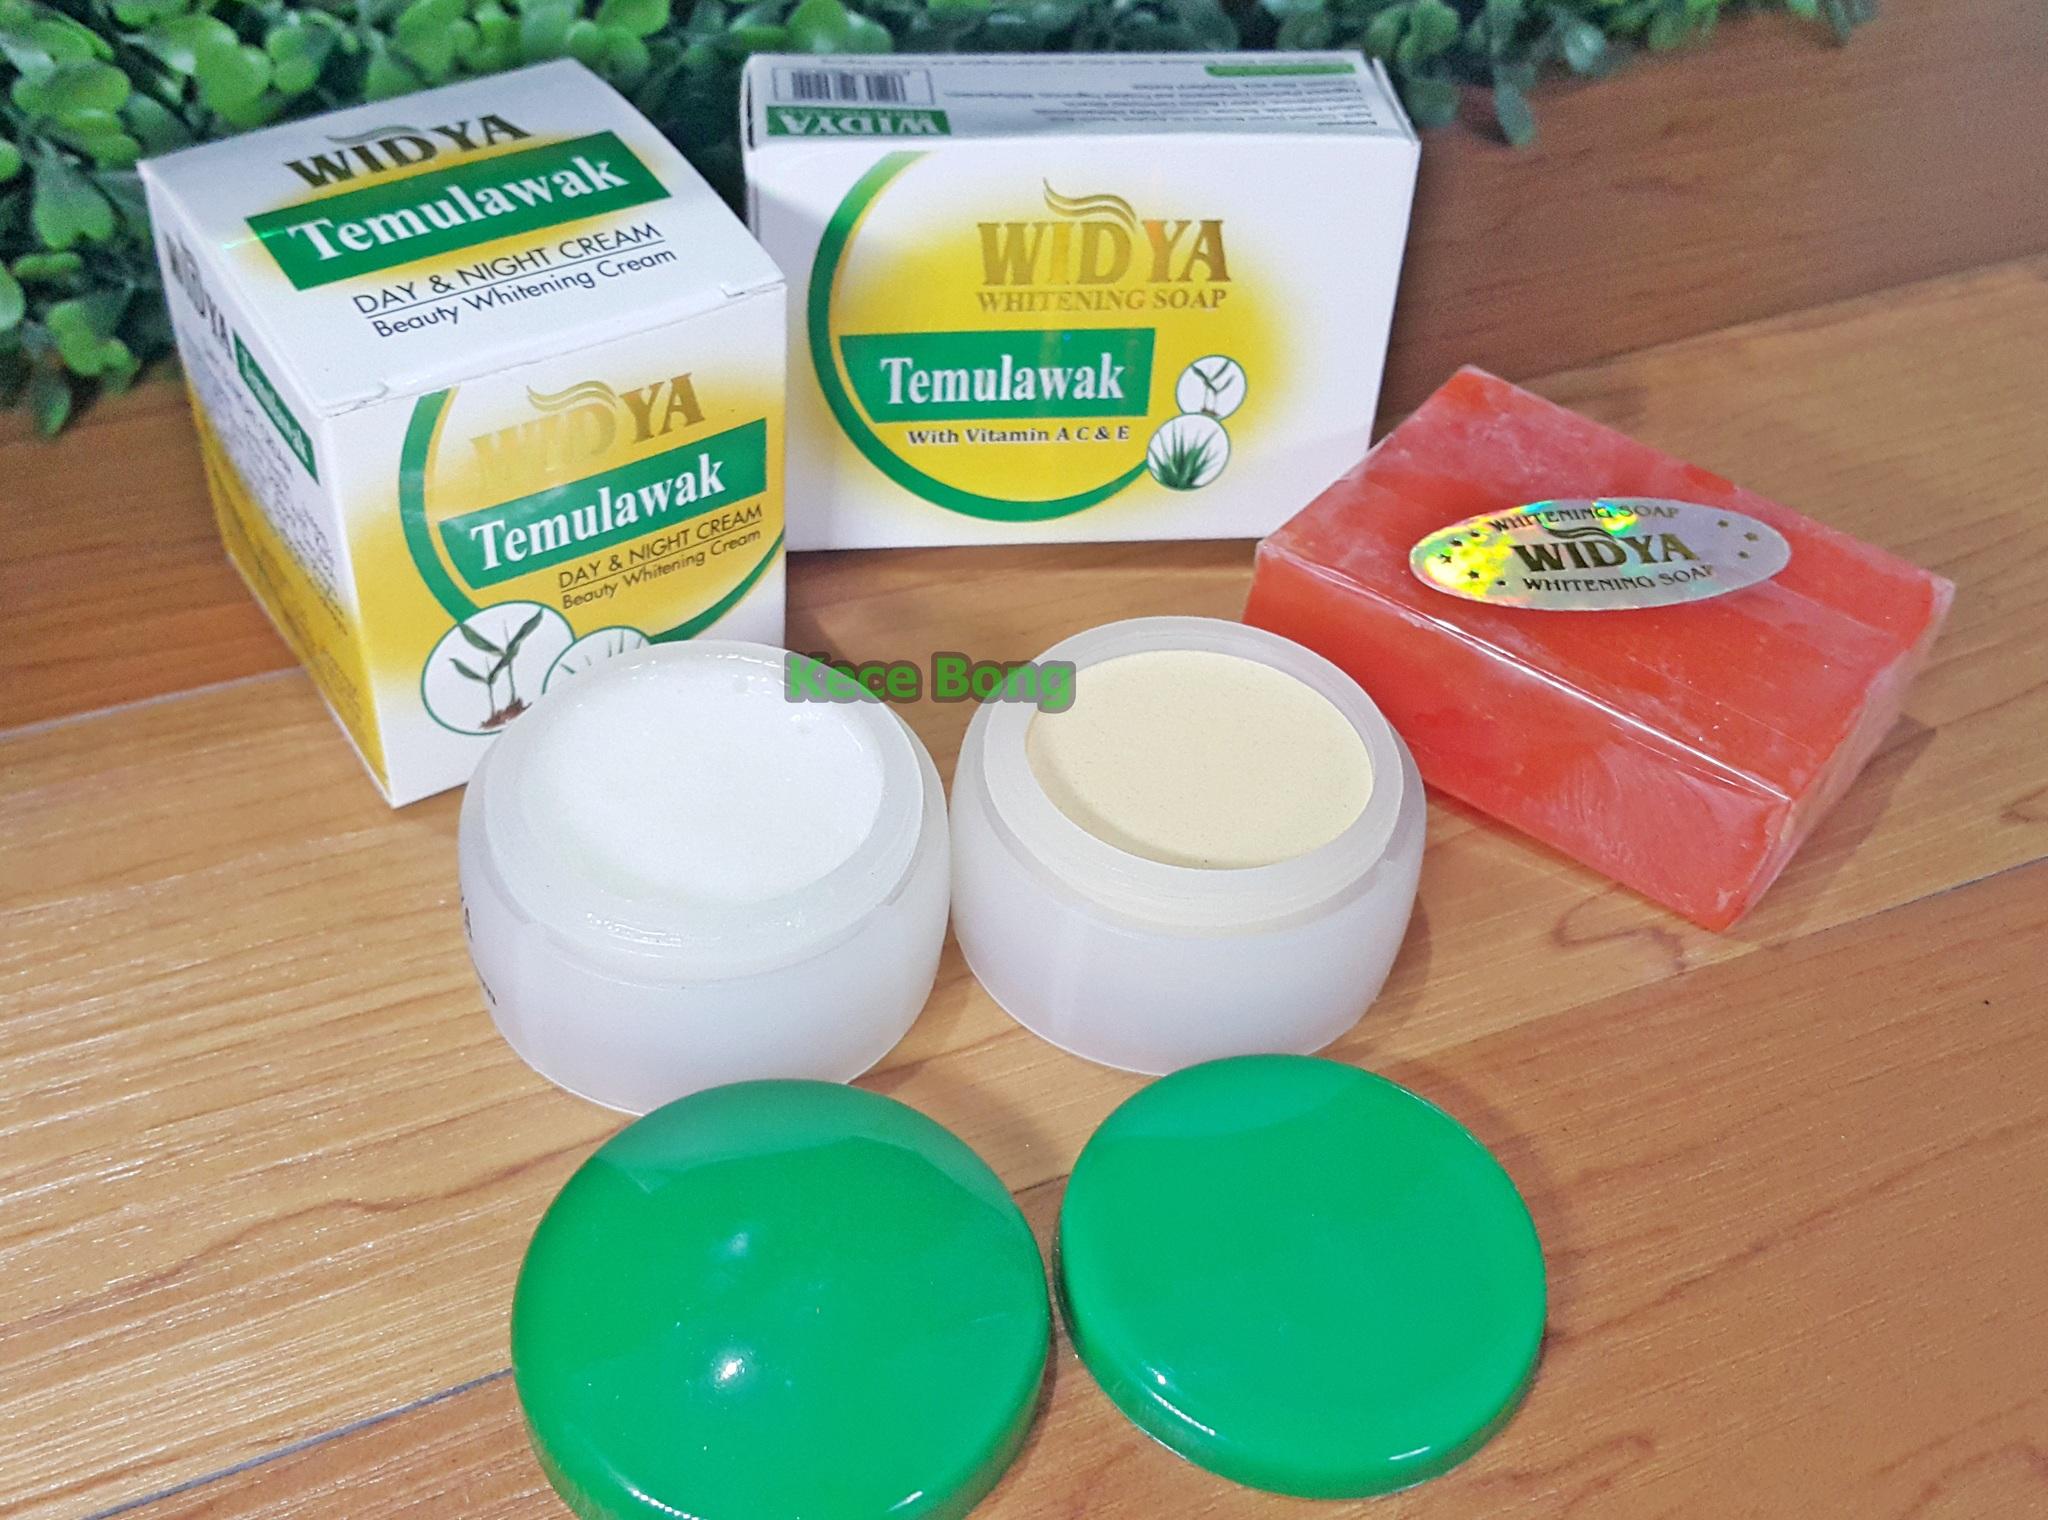 Jual Cream Temulawak Widya Plus Sabun Siang Malam BPOM Diskon - Inner Beauty Indo | Tokopedia